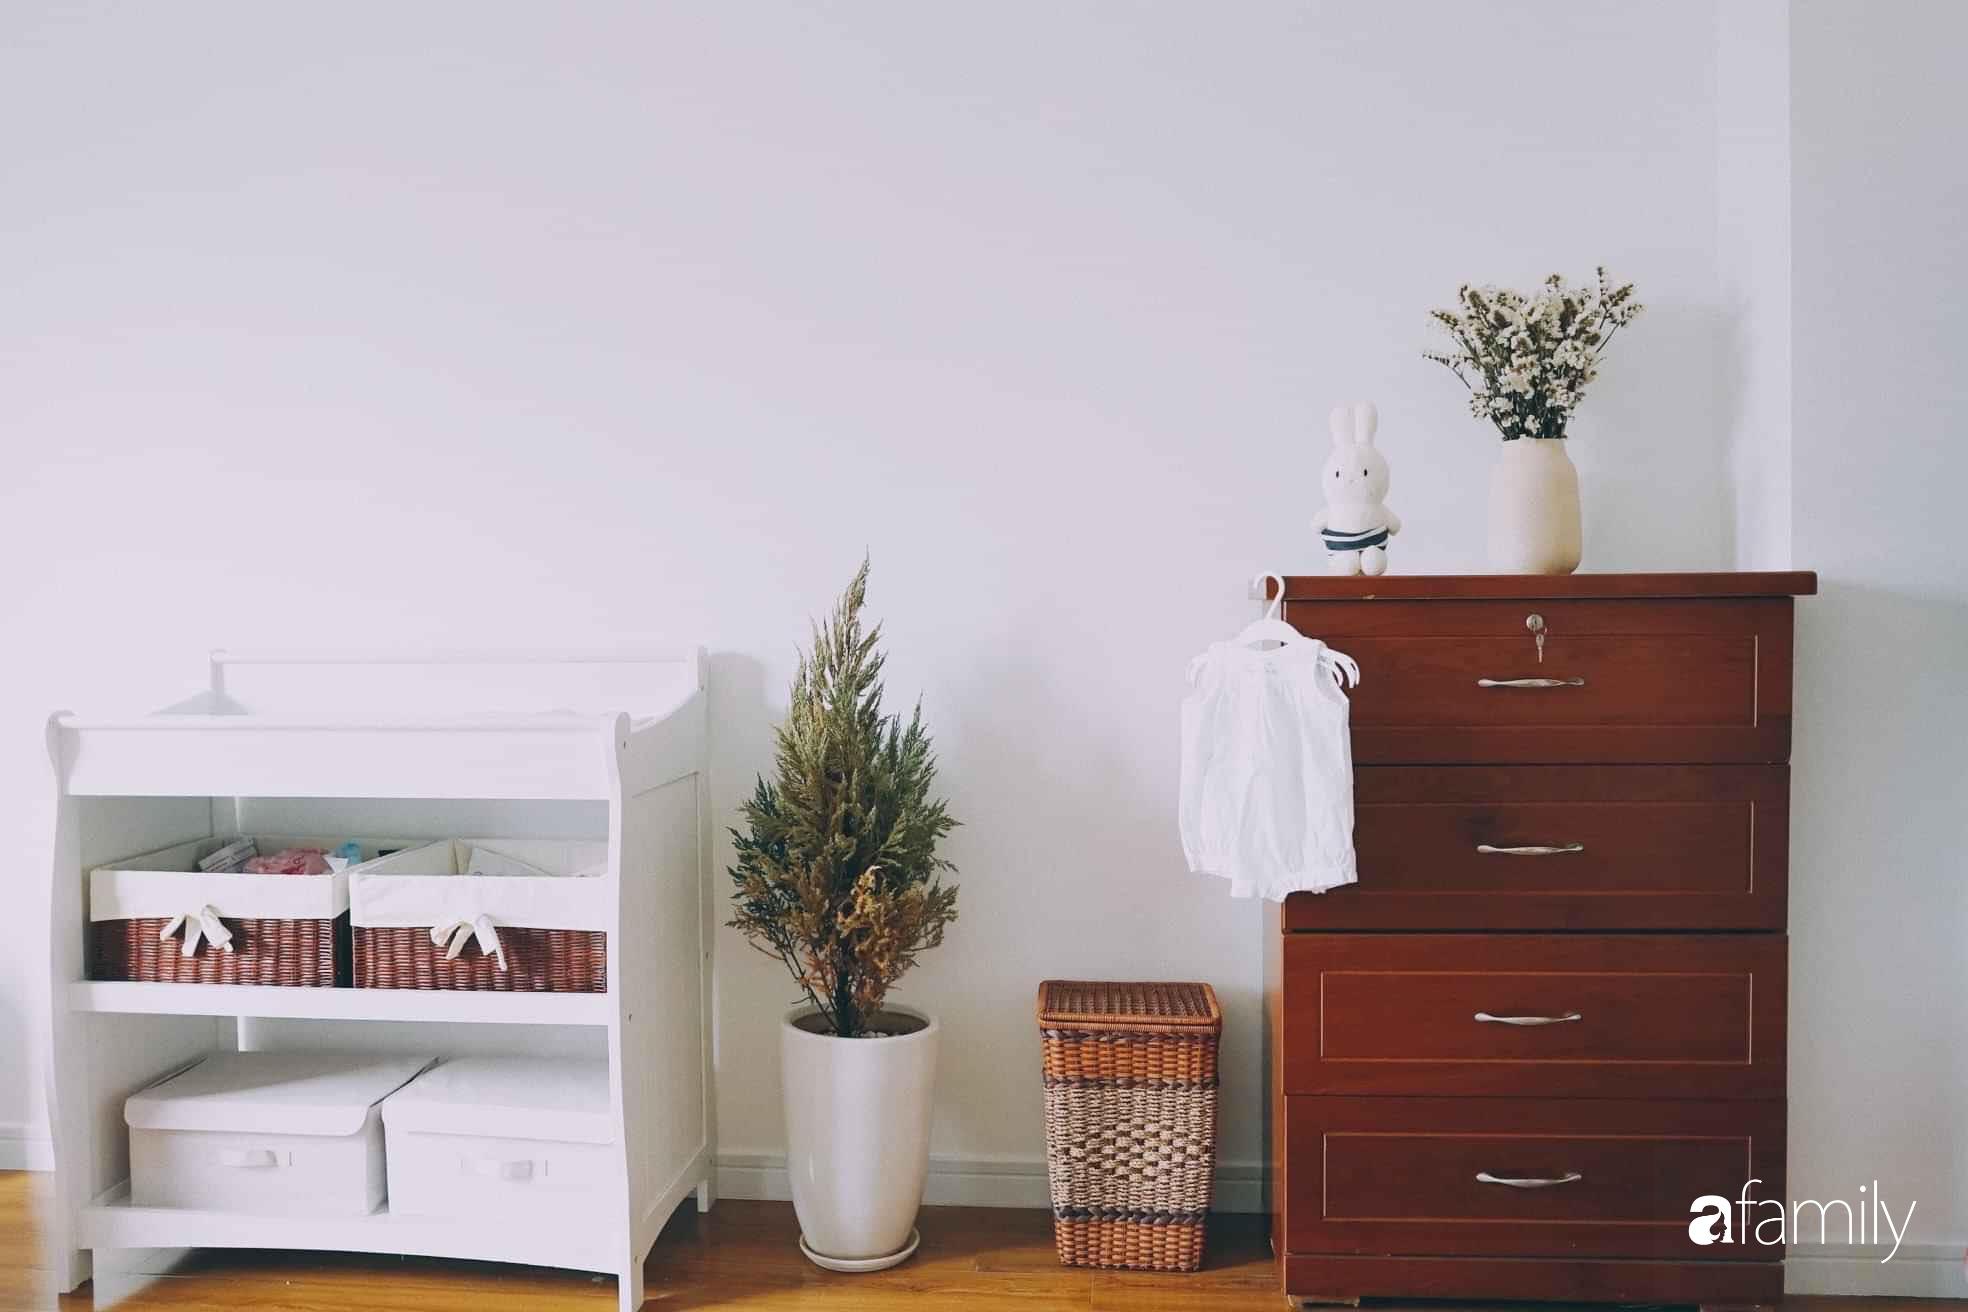 Căn hộ thuê lại được thiết kế nội thất thẩm mỹ và tối giản của cặp vợ chồng yêu thích sống tự do ở Sài Gòn - Ảnh 13.